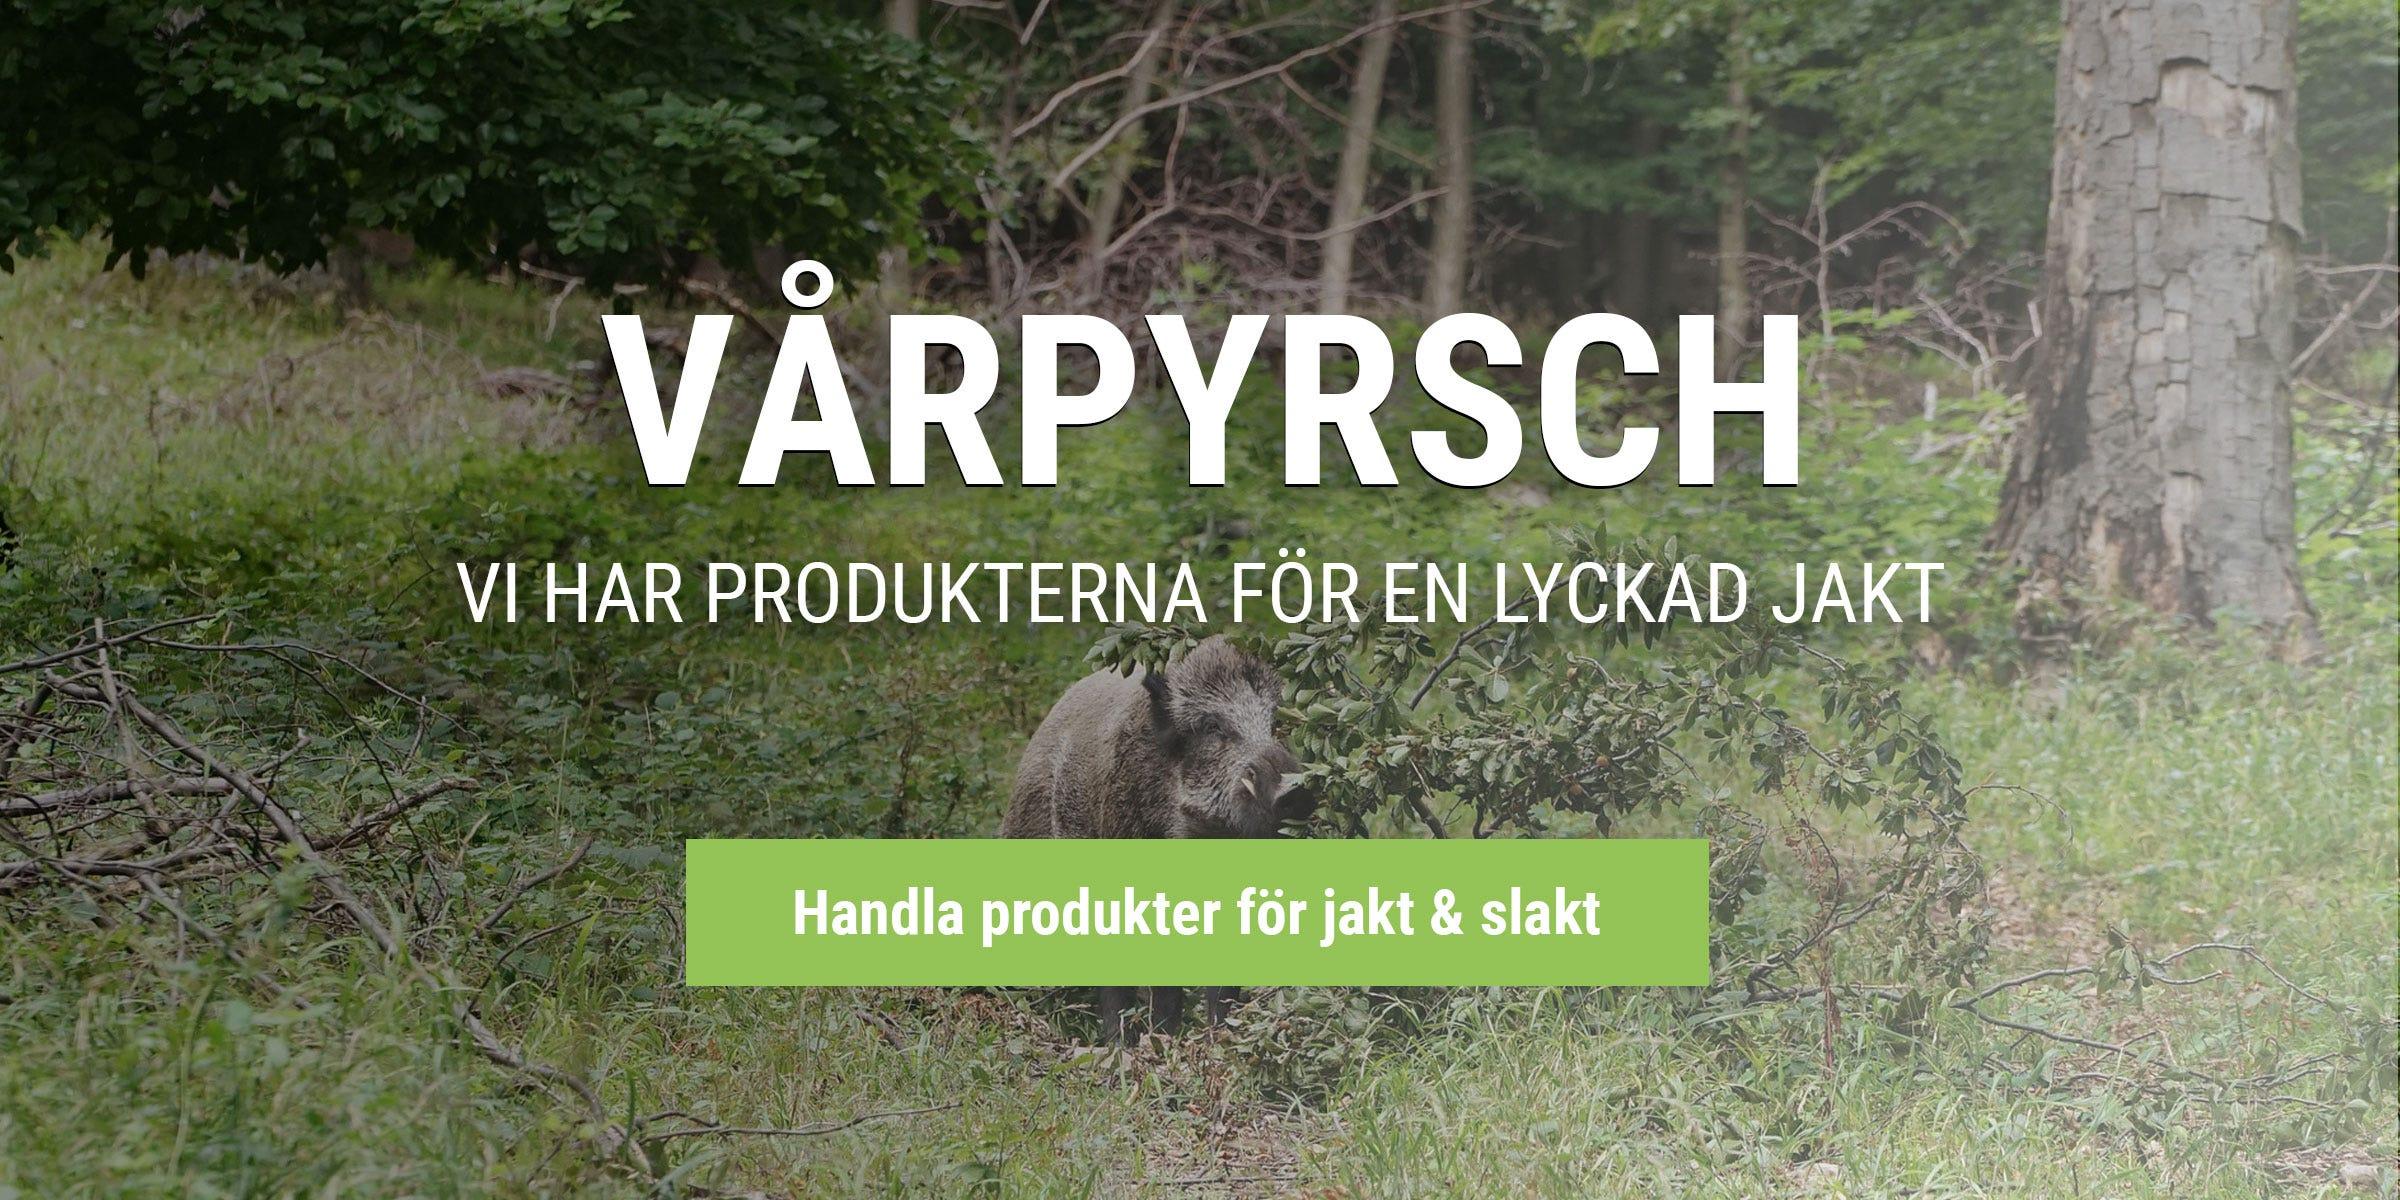 Handla produkter för jakt och slakt